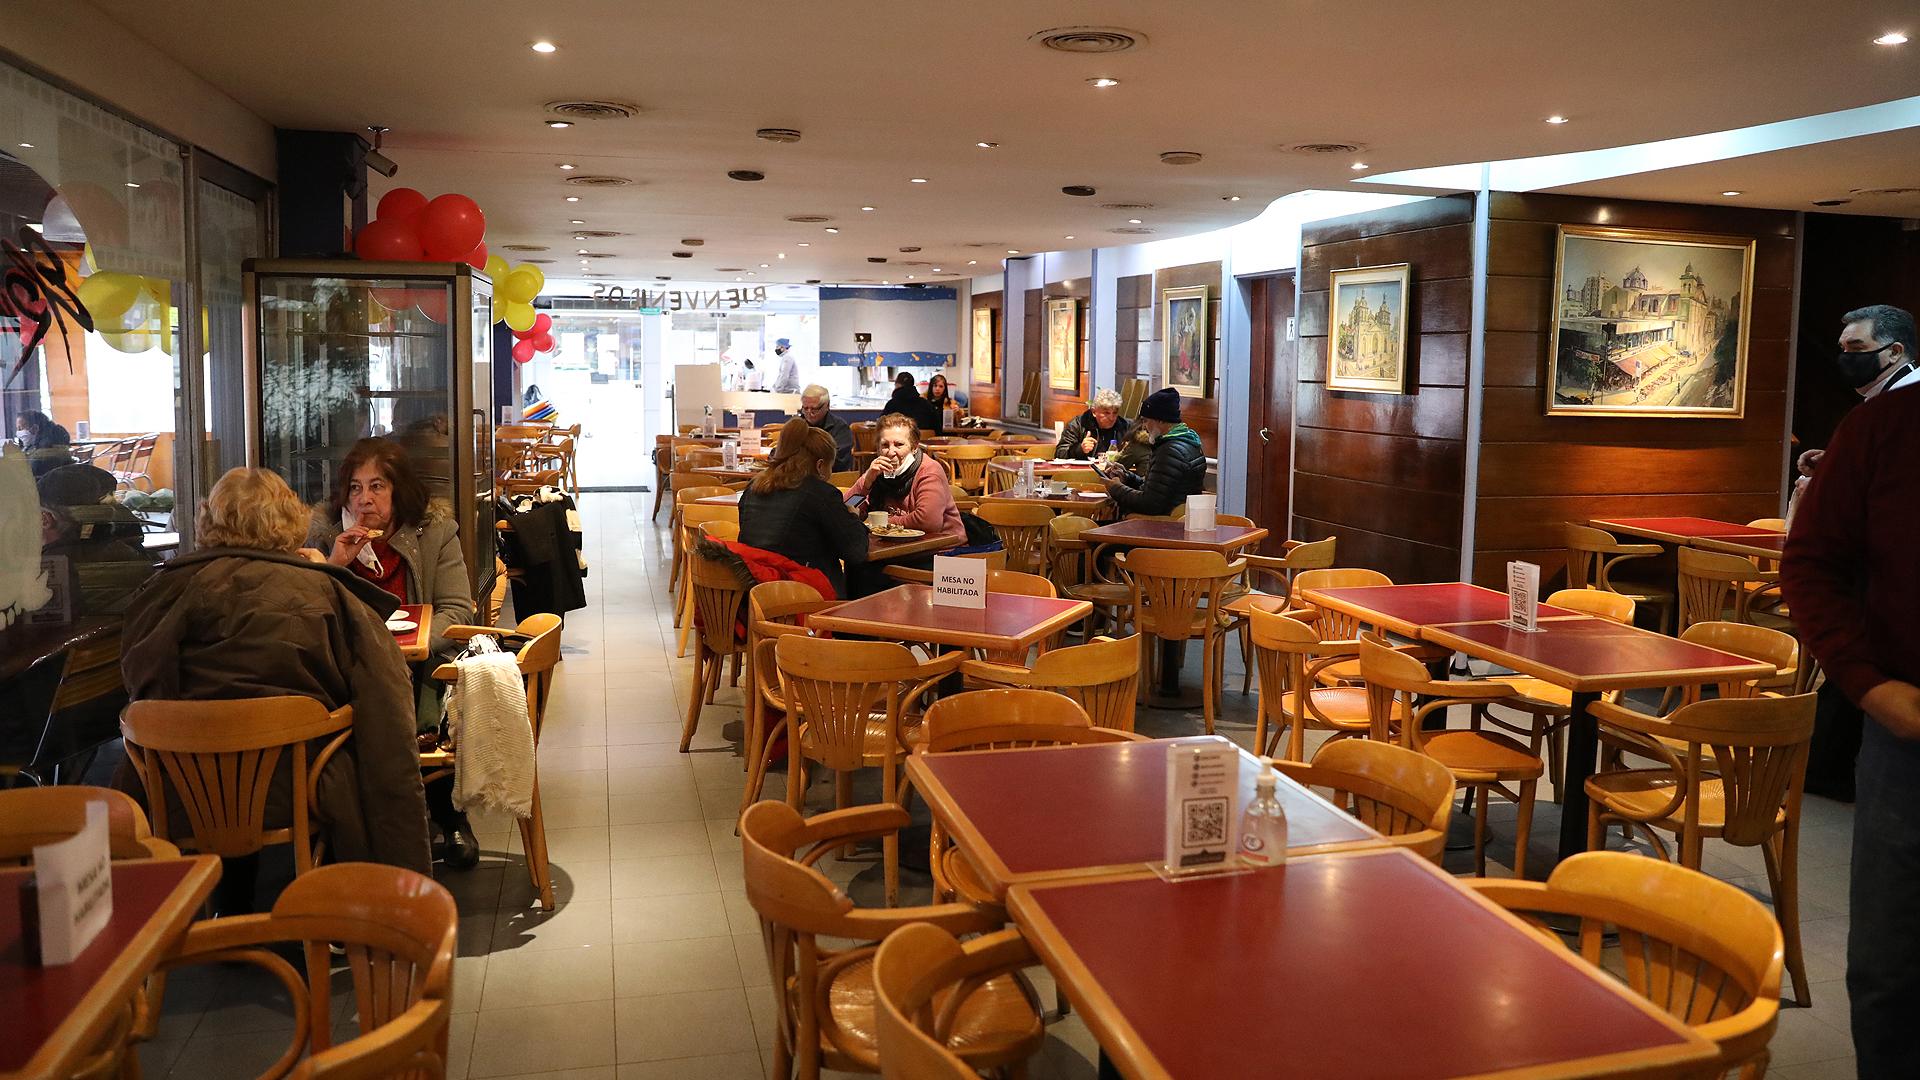 De acuerdo a lo dispuesto por el Centro de Operaciones de Emergencias (COE) de Córdoba, bares y restaurantes reabrieron sus puertas, aunque al 50% de su capacidad